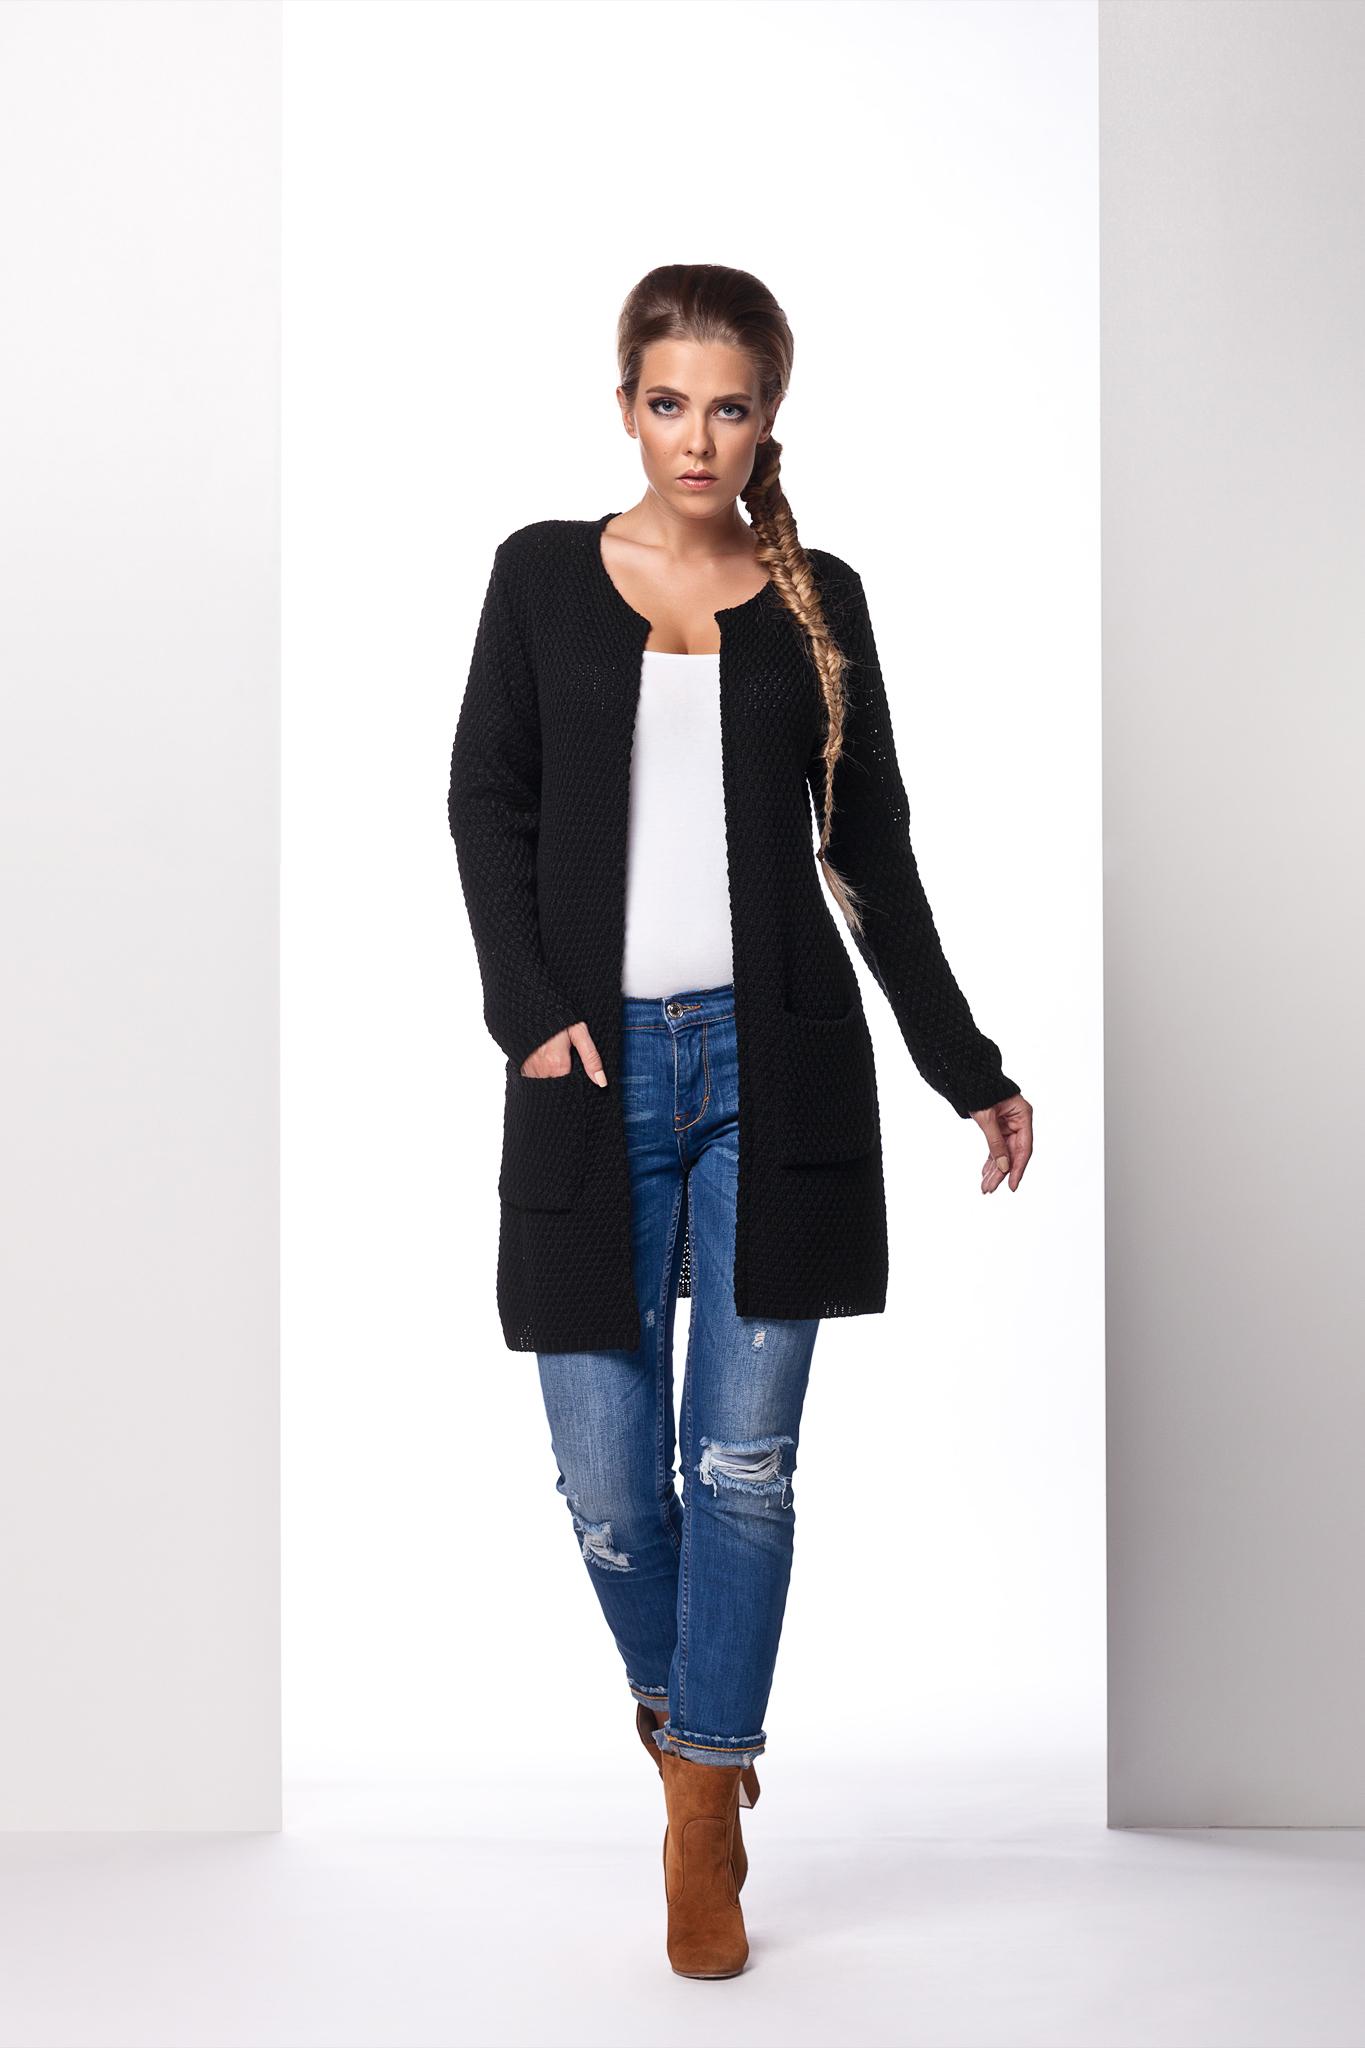 Dlouhý svetr s kapsami, černá, jednotná